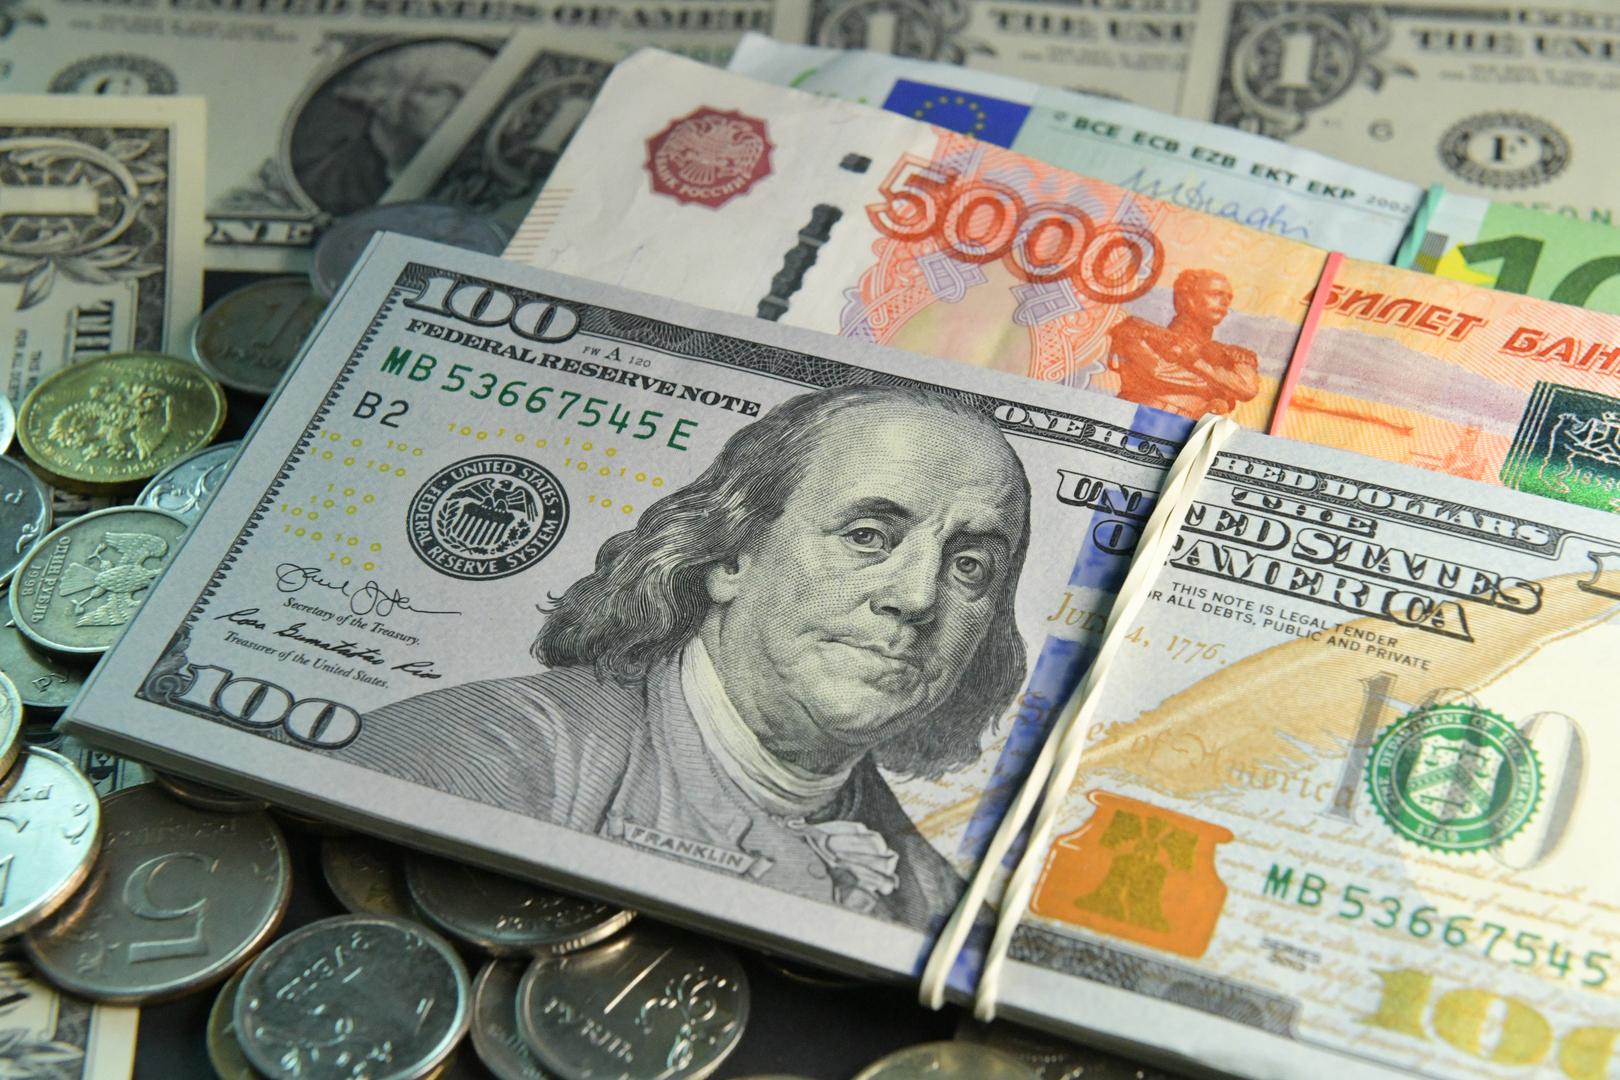 المستثمرون يواصلون استثمار أموالهمفي السندات الروسية رغم التهديد بفرض عقوبات